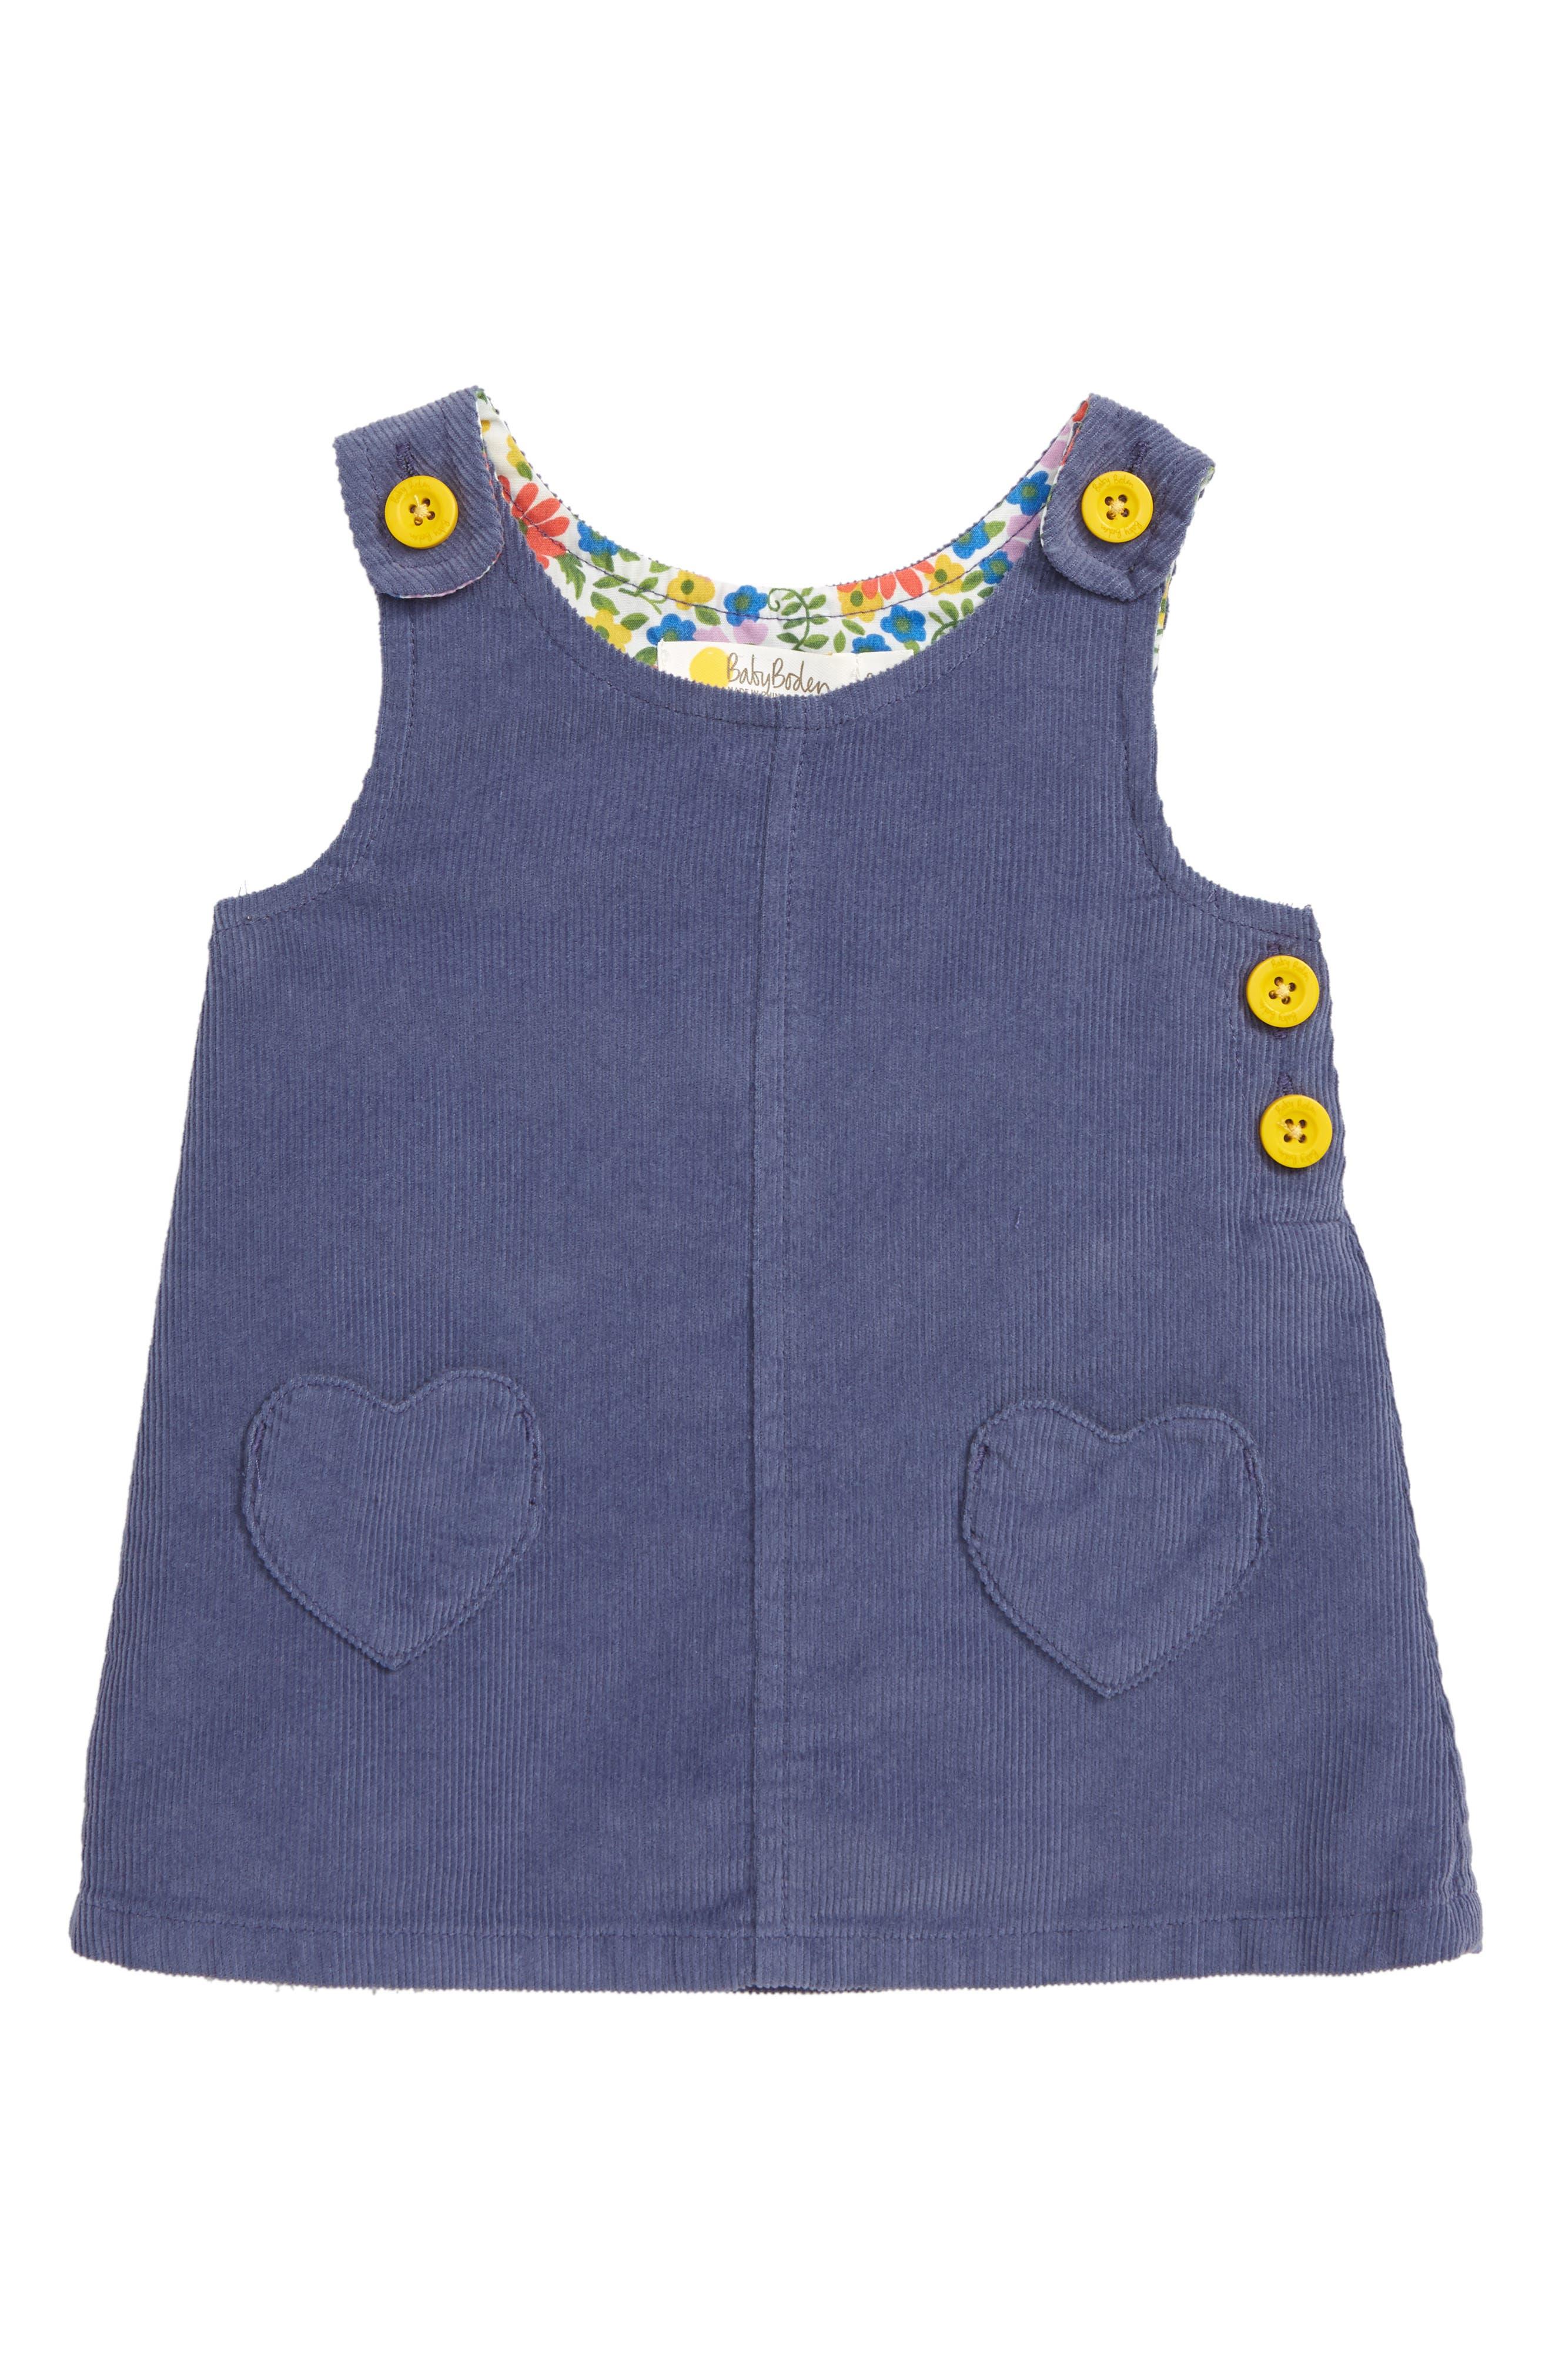 MINI BODEN, Patch Pocket Corduroy Dress, Main thumbnail 1, color, PRP VIOLET GREY